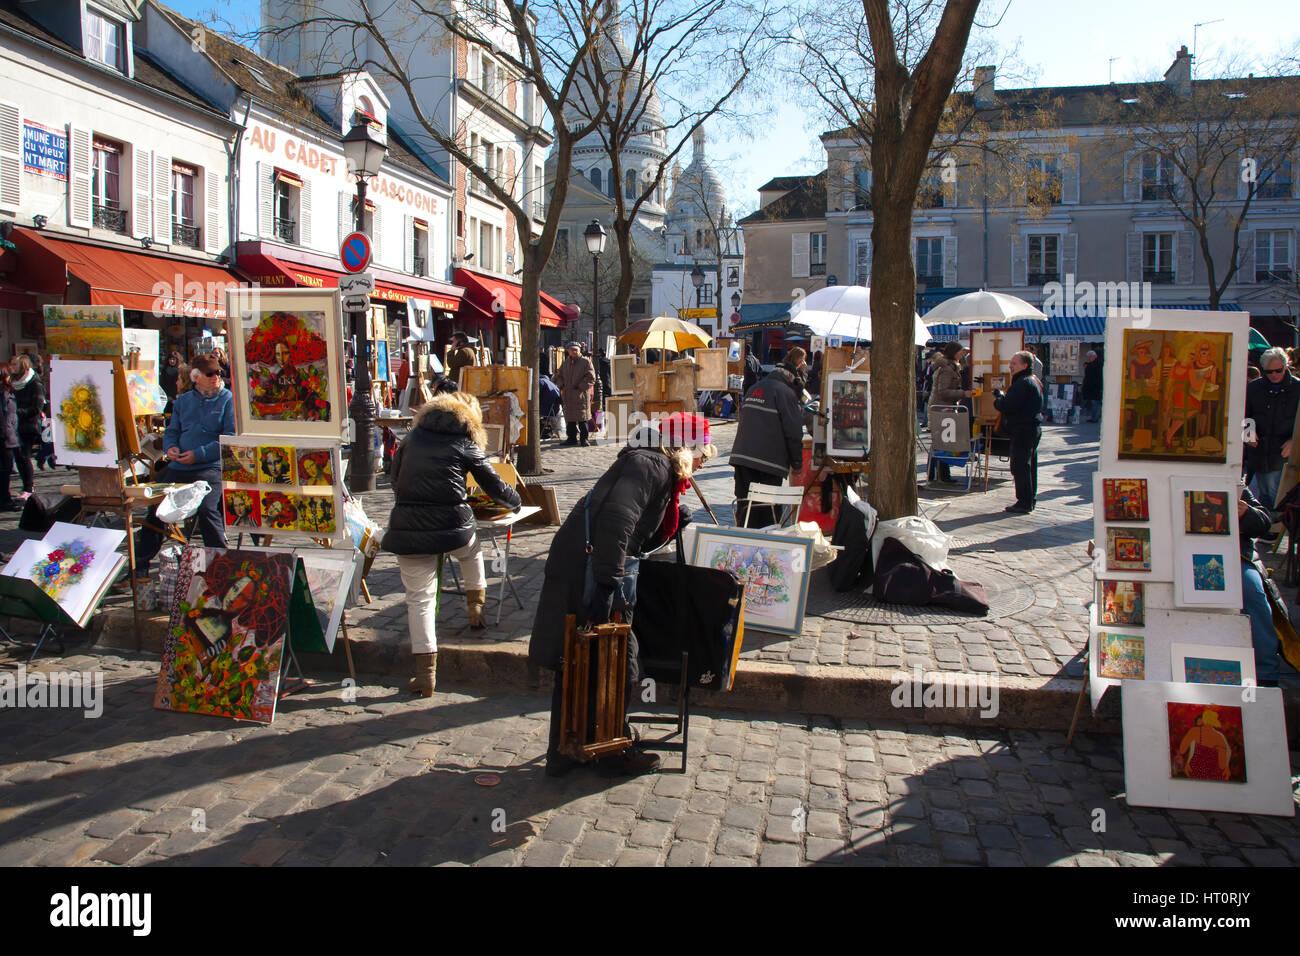 Place du Tertre and painters. Montmartre. Paris, France, Europe. - Stock Image